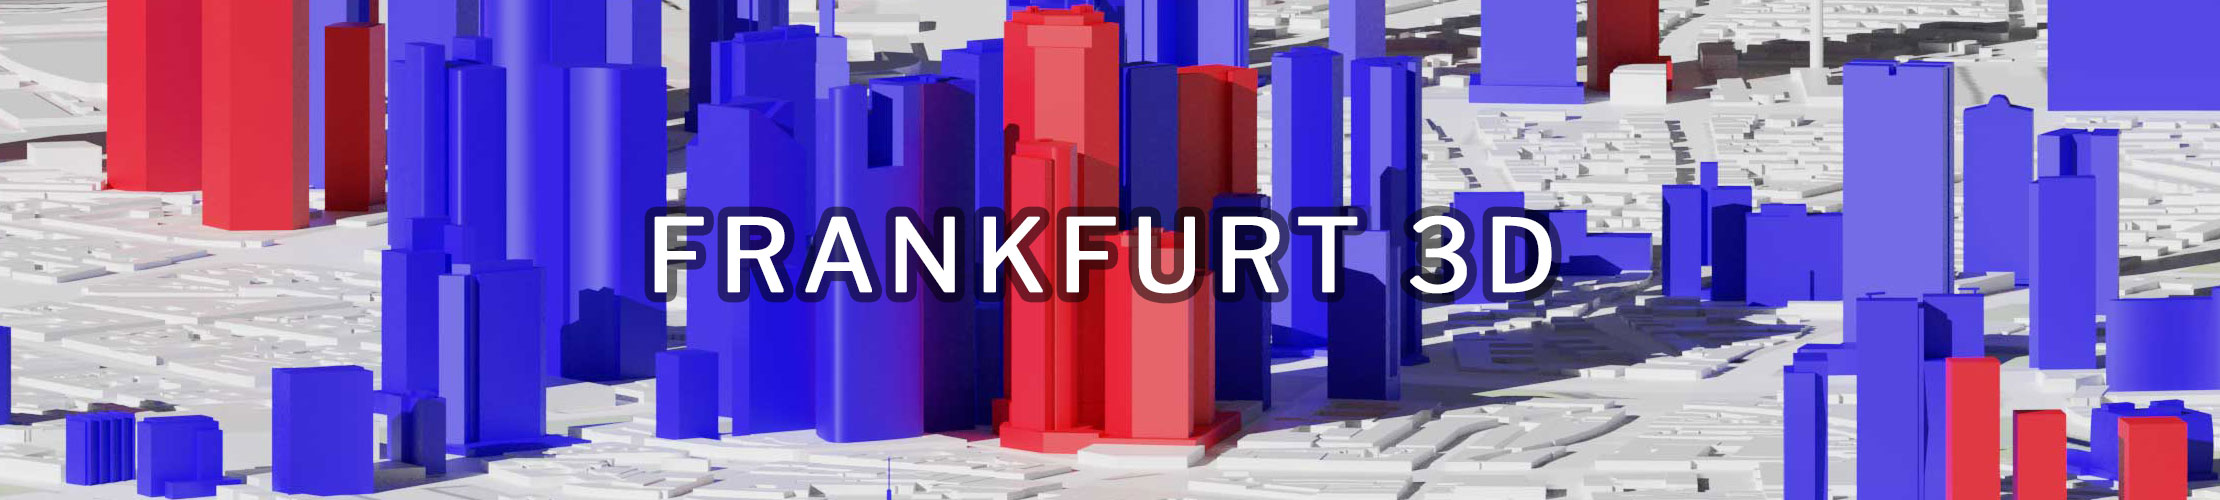 Frankfurt 3D - Architektur Frankfurt in der Zukunft - Geplante Großprojekte in FFM - Neue Immobilienprojekte in Frankfurt/Main